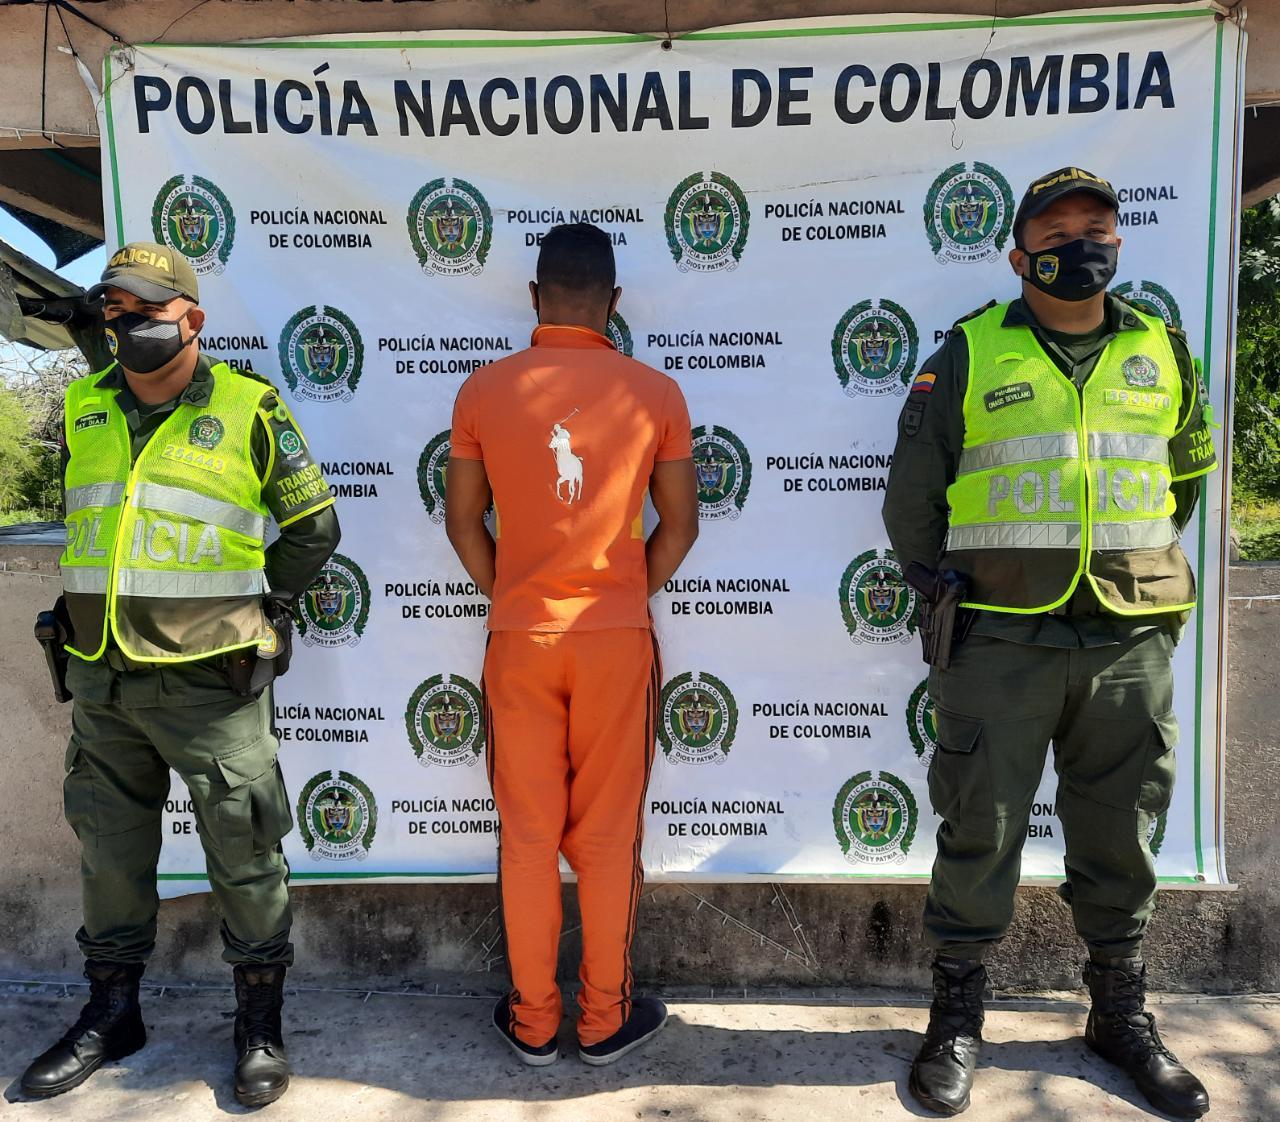 hoyennoticia.com, Conducía con licencia falsa por el sur de La Guajira